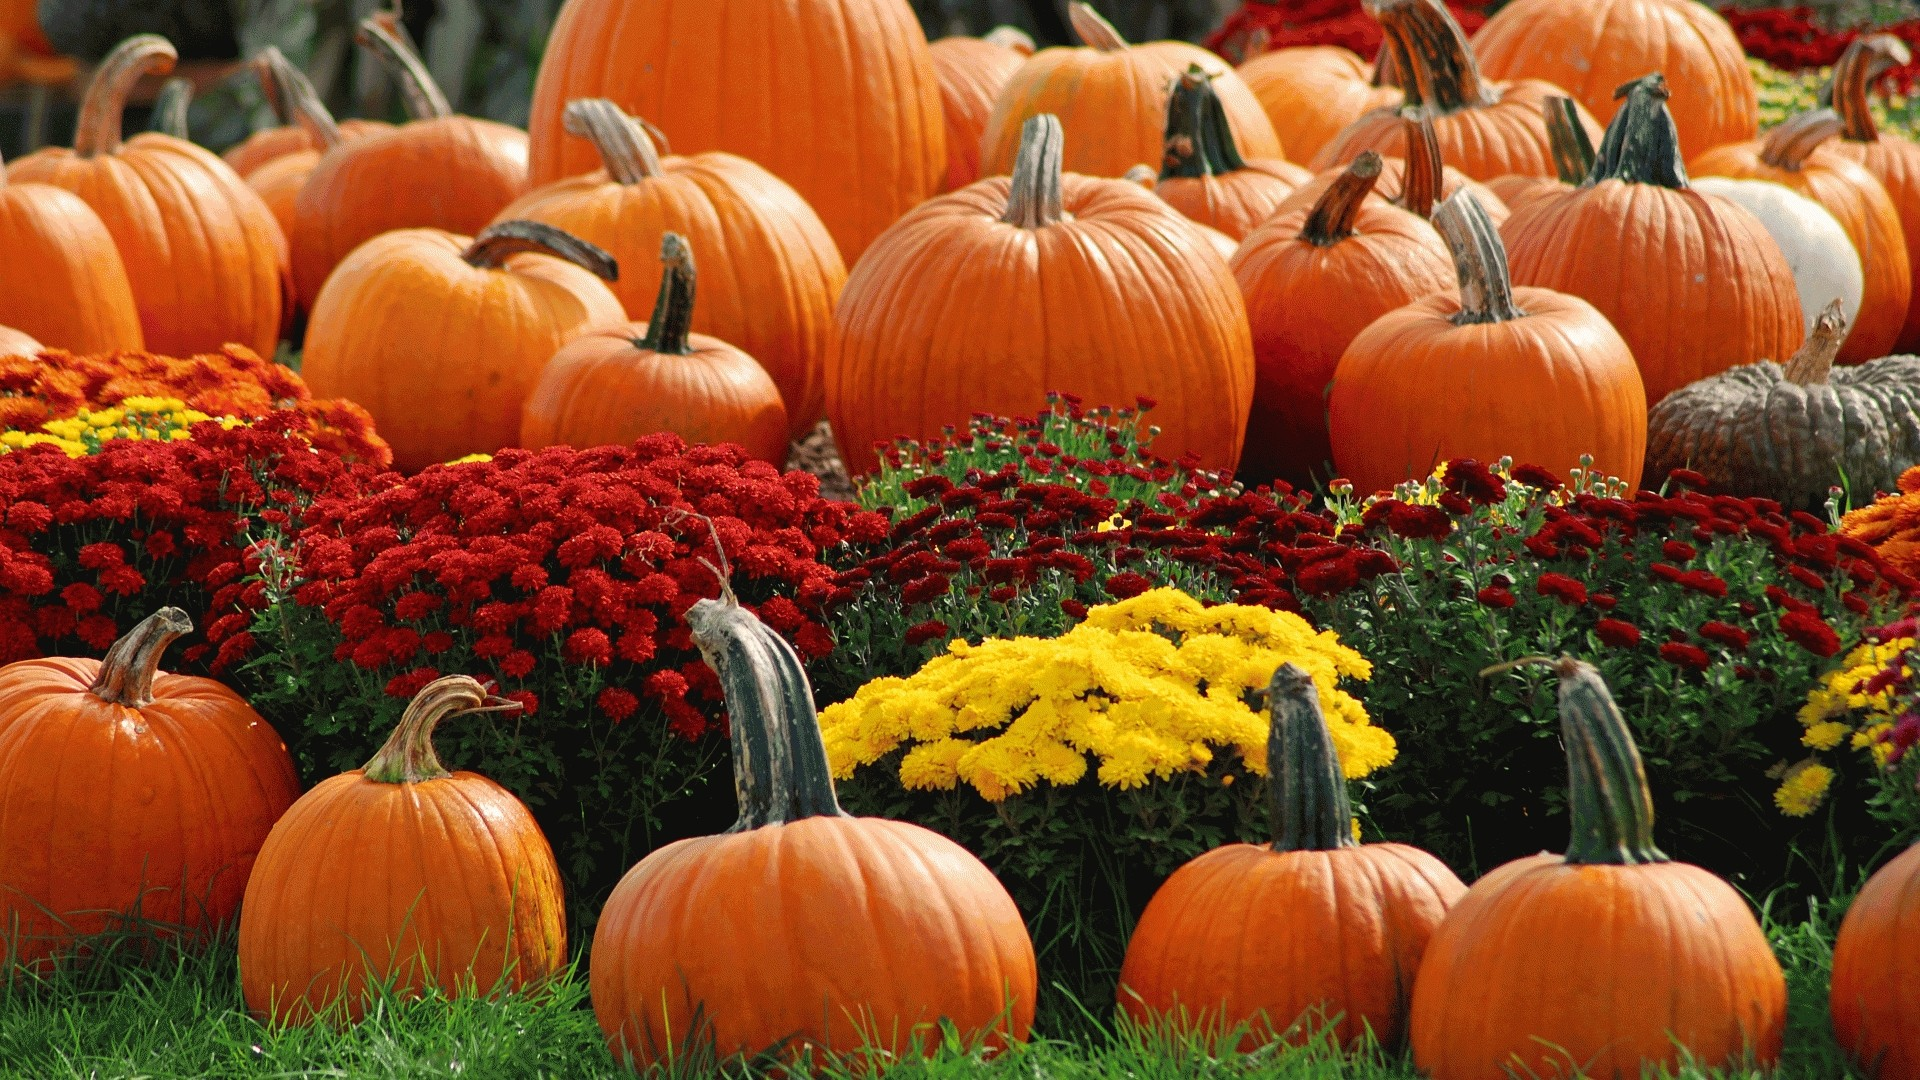 Pumpkin Background Wallpaper